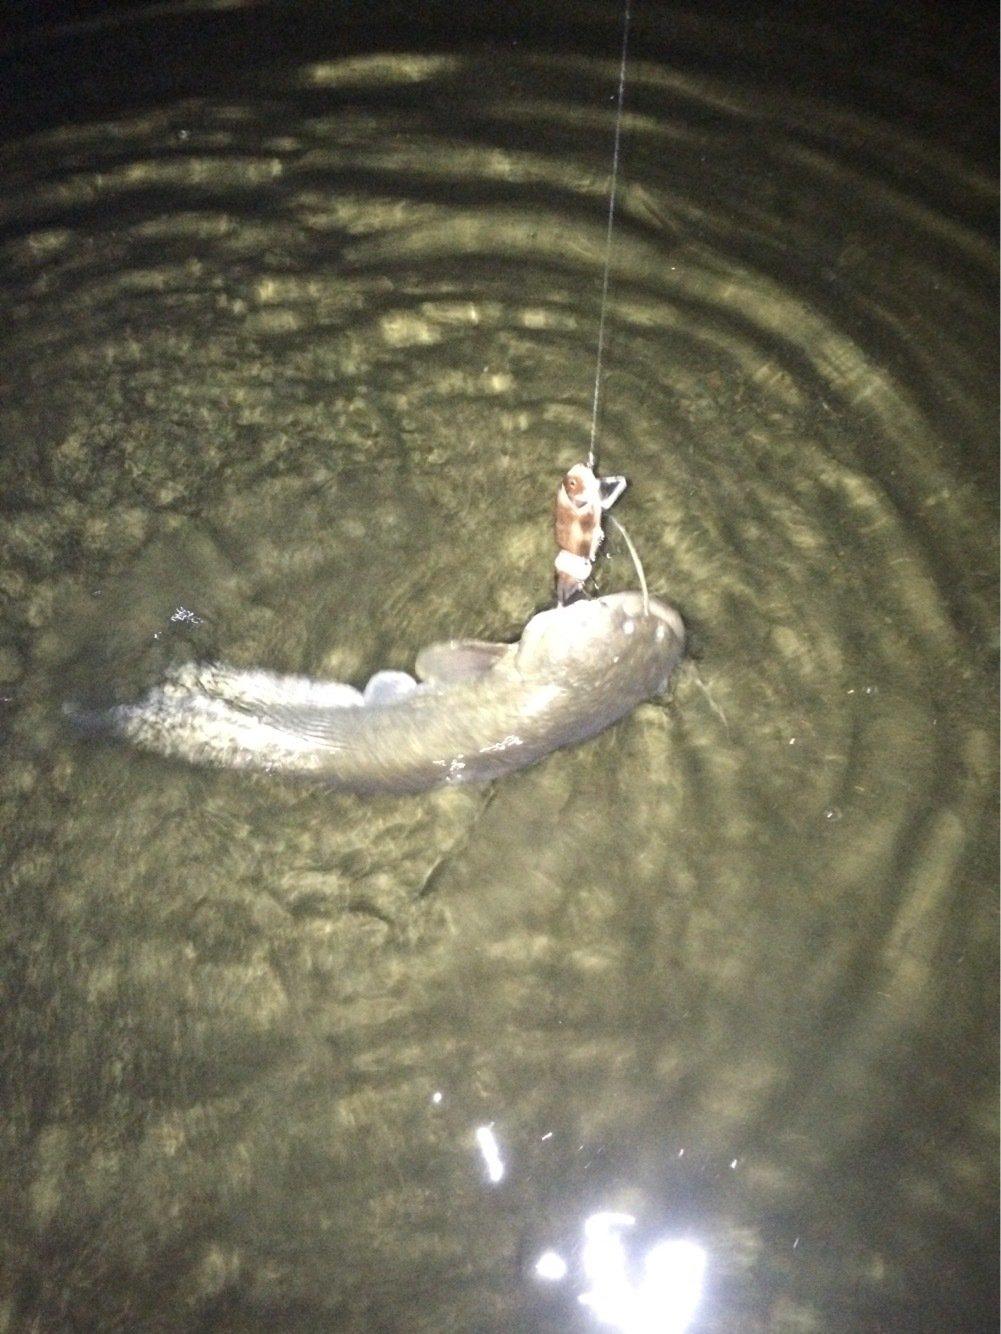 fc0825さんの投稿画像,写っている魚はナマズ